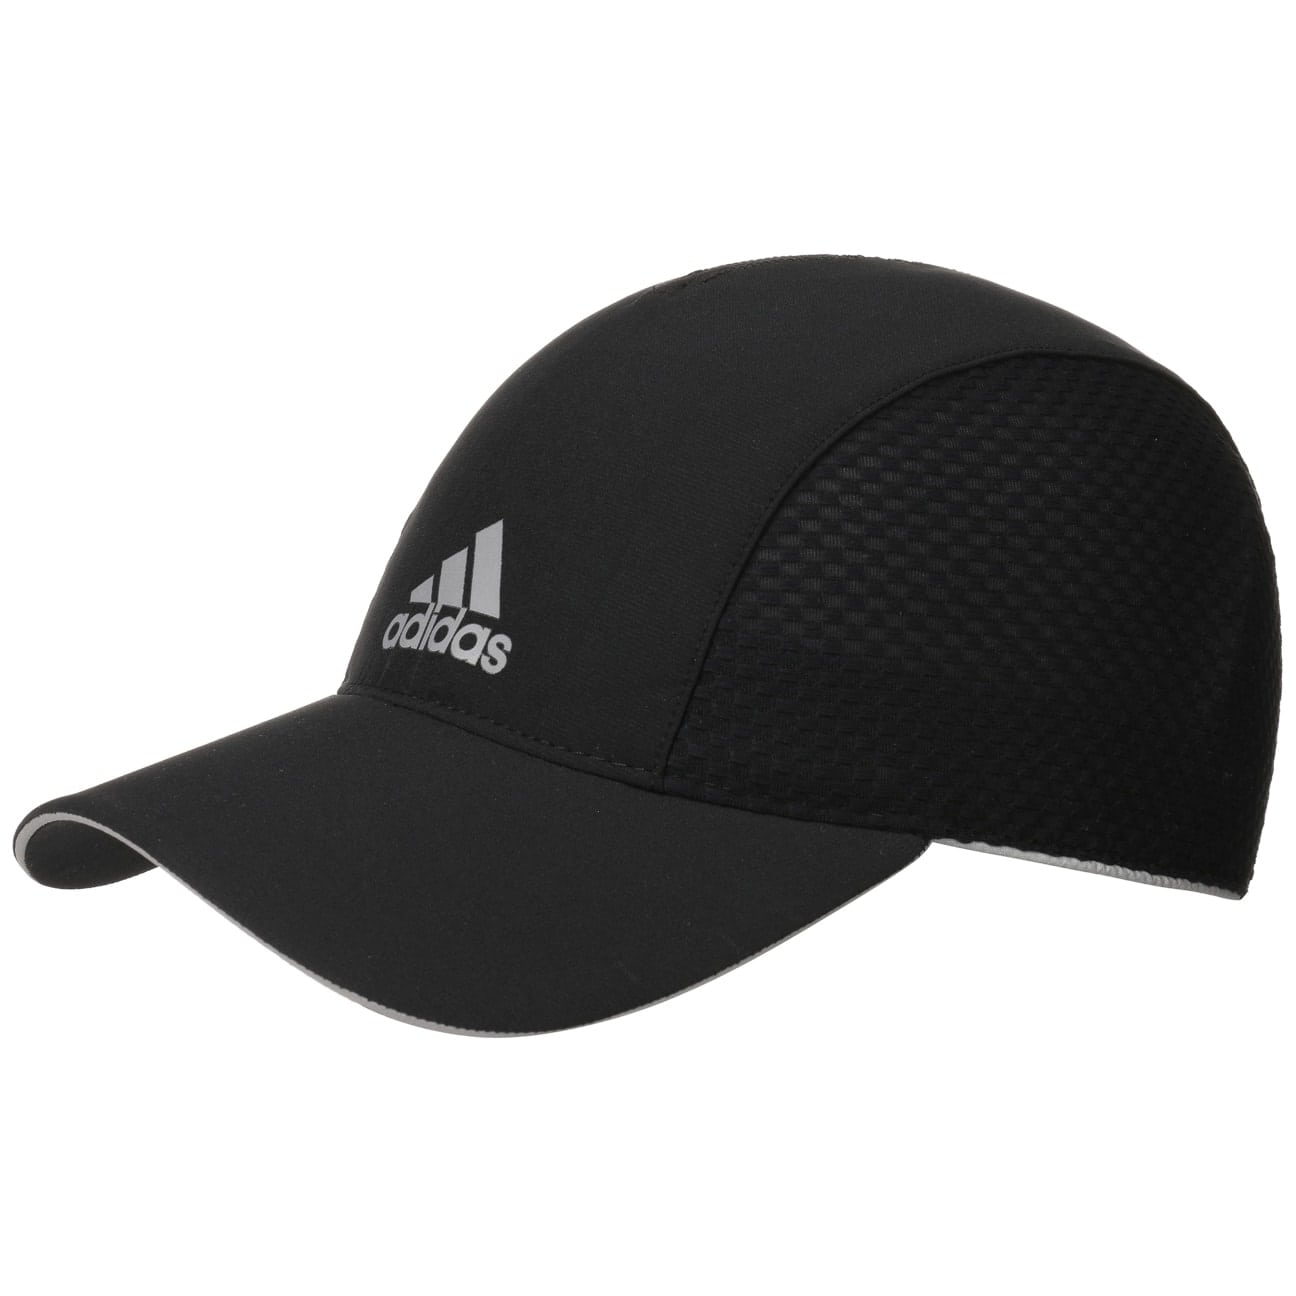 Gorra Run Climacool Cap by adidas - Gorras - sombreroshop.es 3a4af0a915a